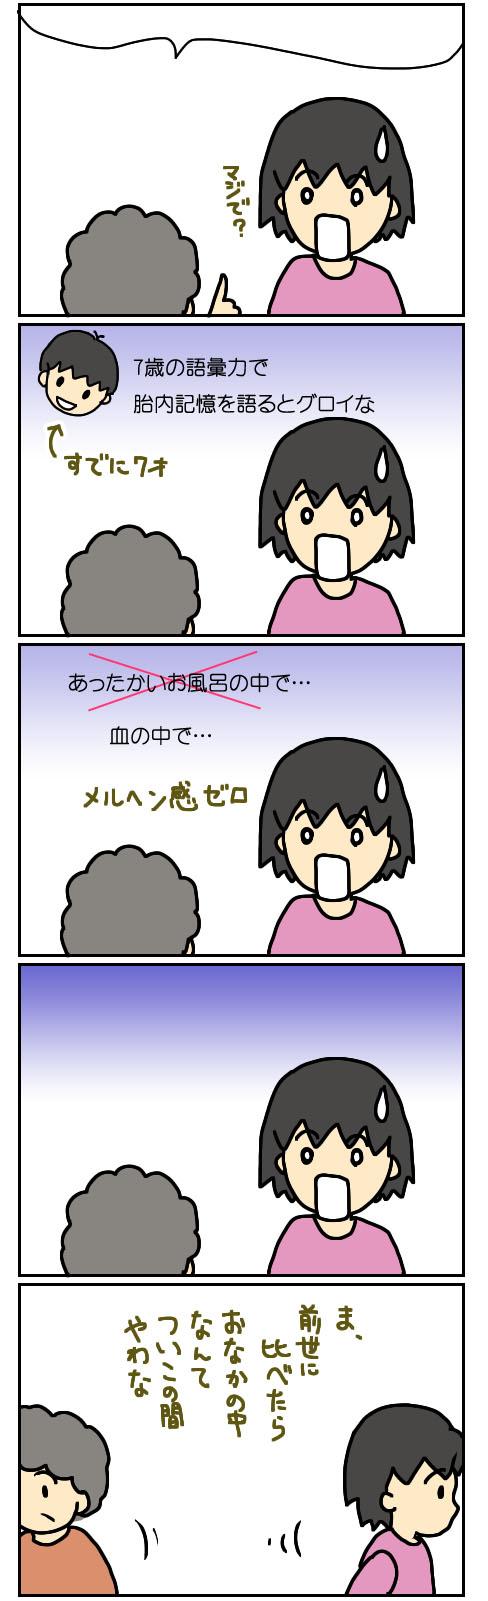 06胎児記憶_3